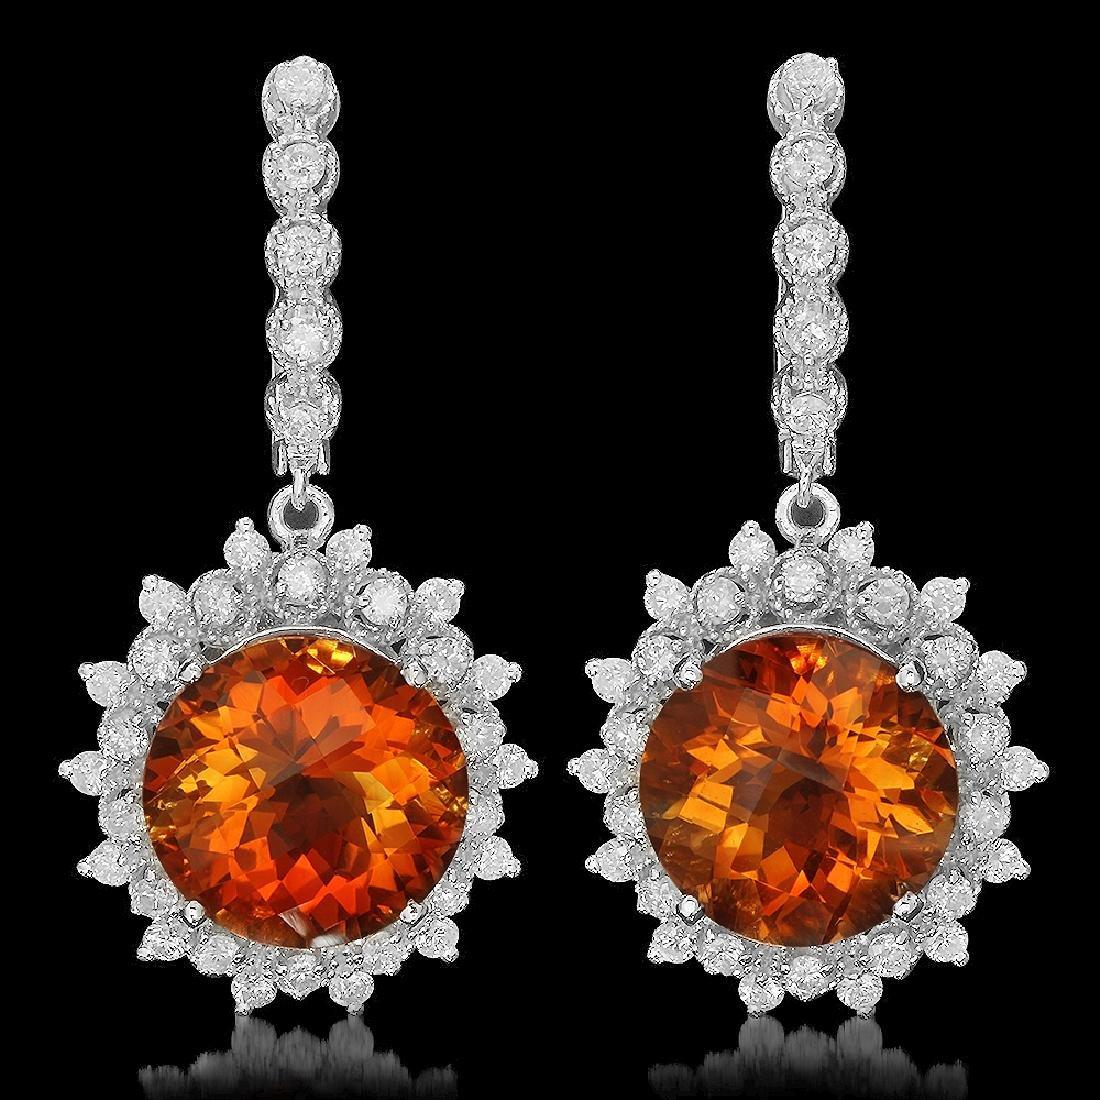 14K Gold 12.71ct Citrine 2.08ct Diamond Earrings